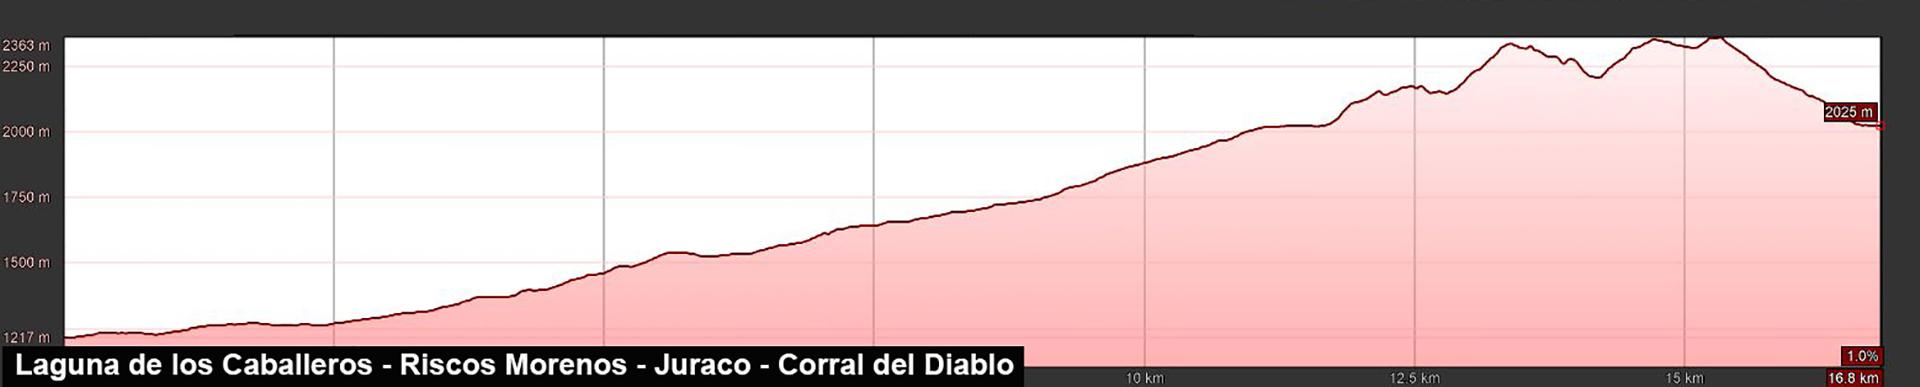 Perfil de ruta a la laguna de los Caballeros, Riscos Morenos, Juraco y Corral del Diablo